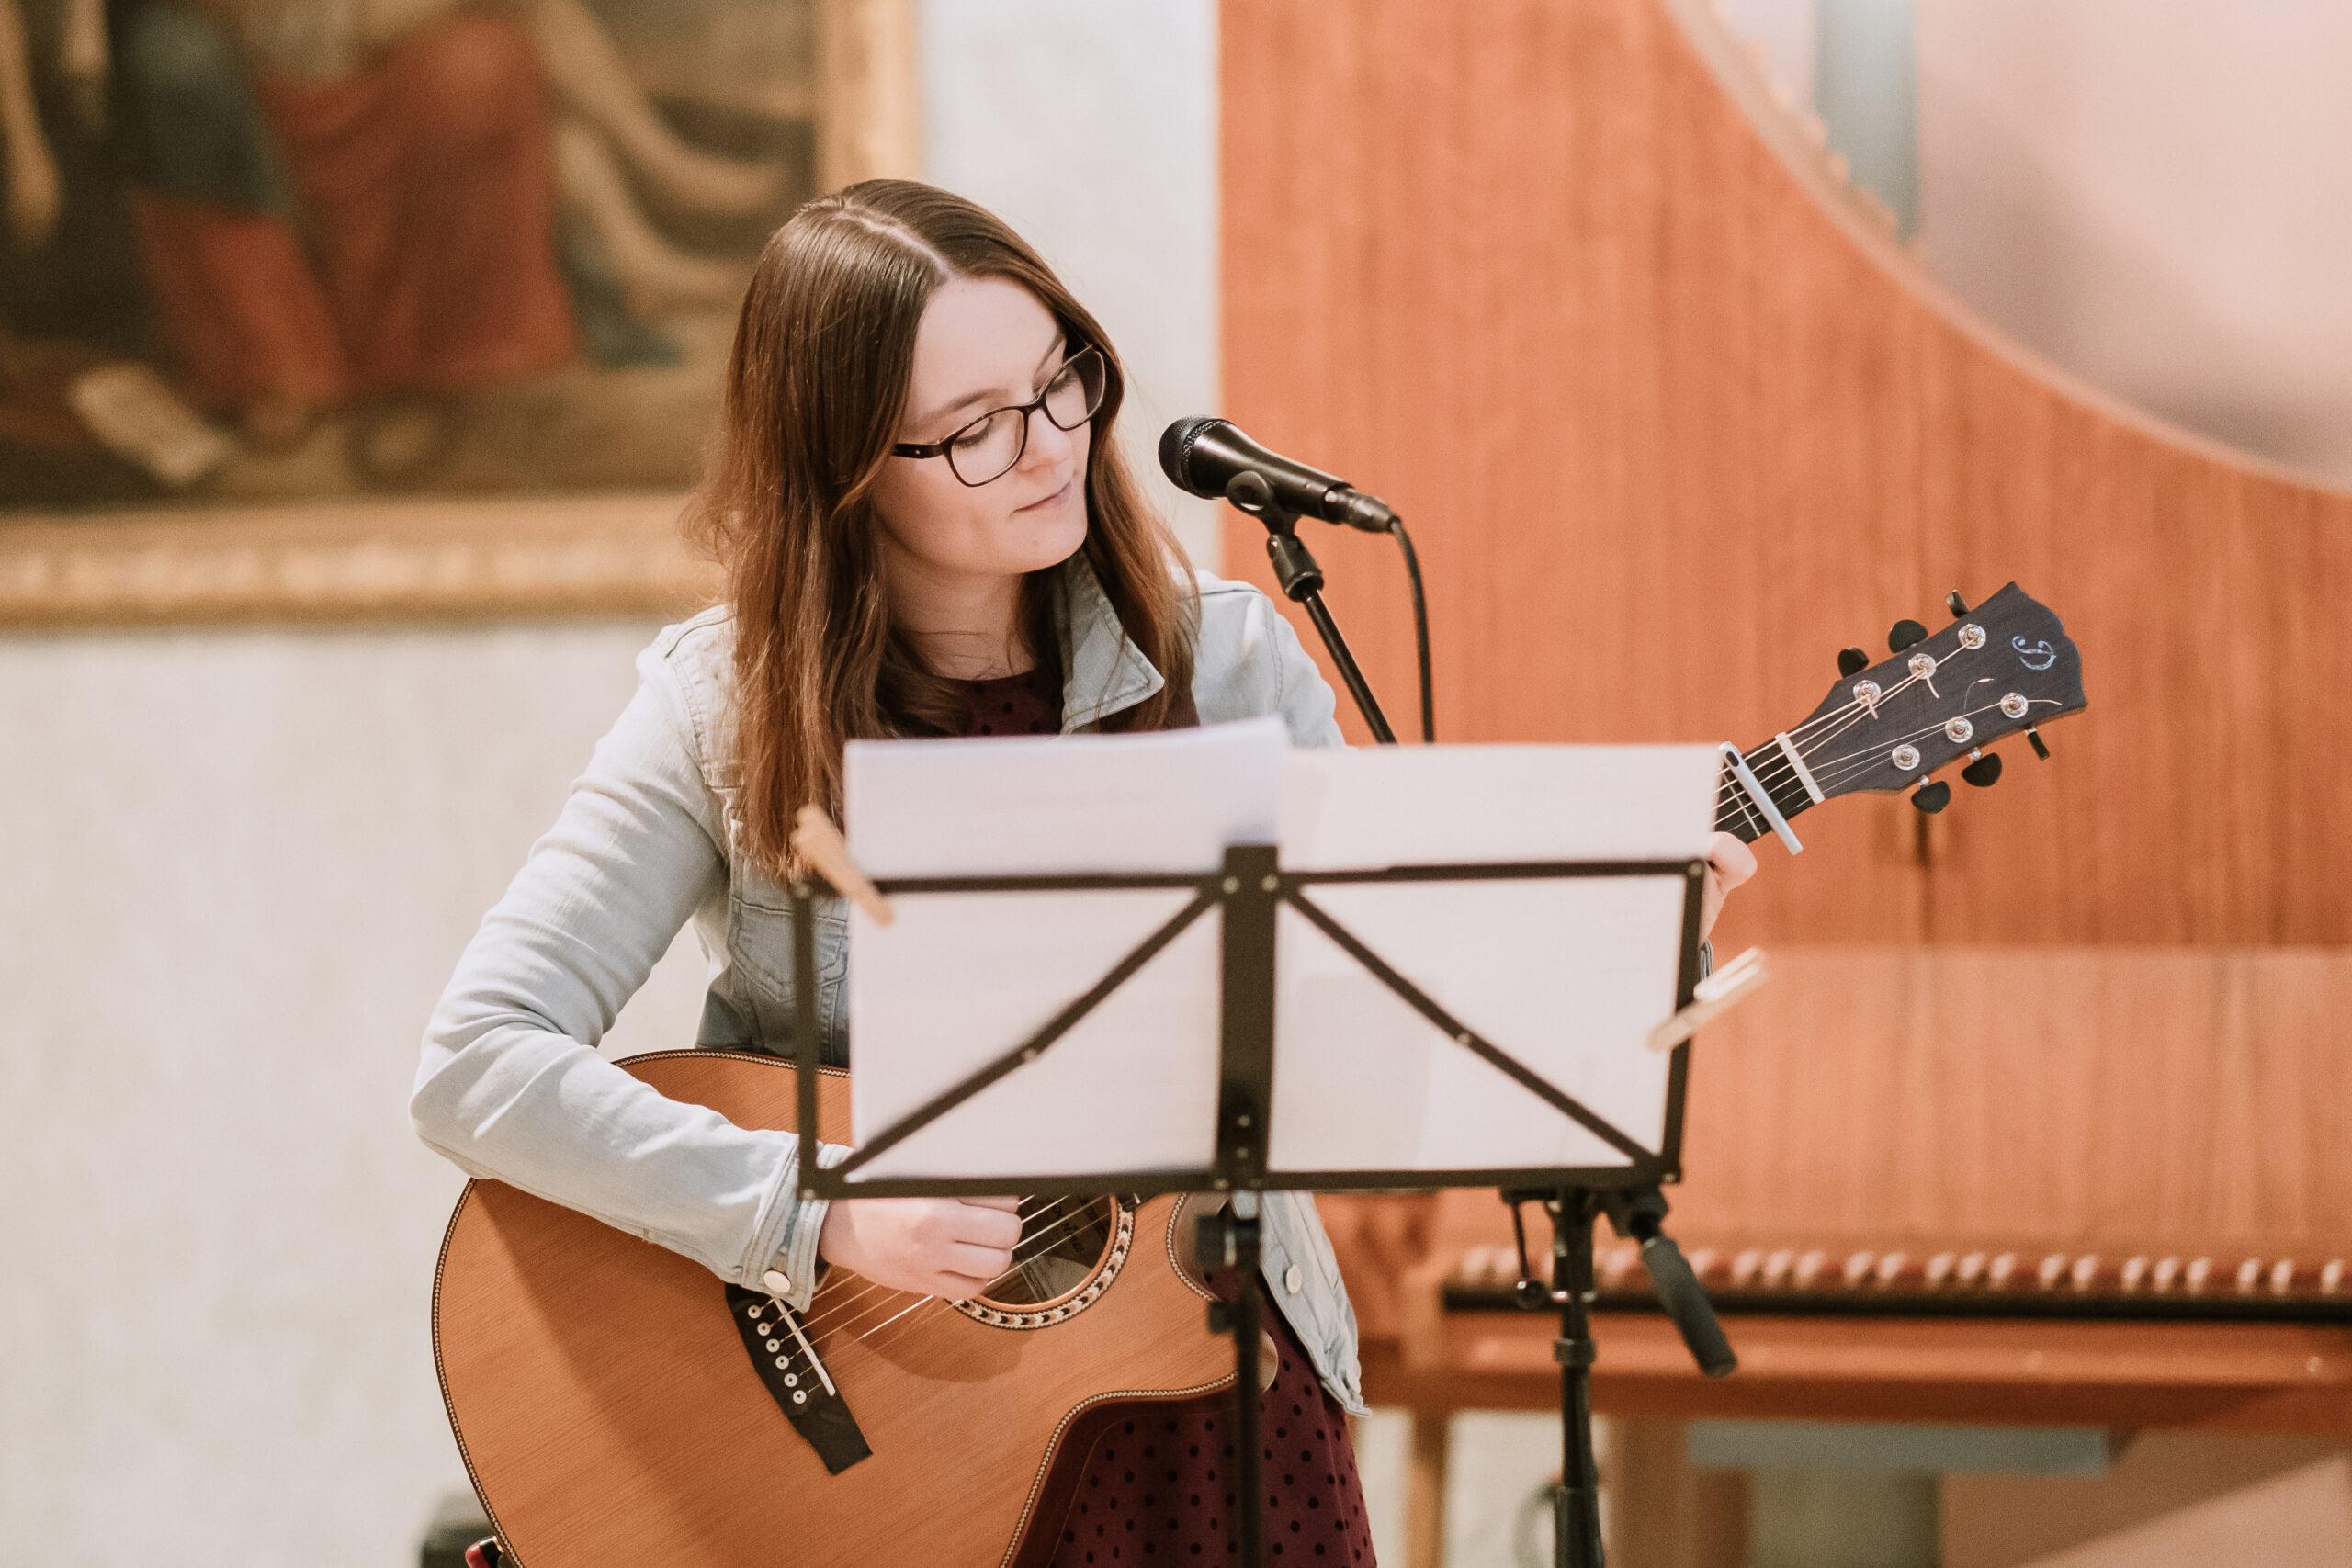 Bild von Hannah Stienen als Hochzeitssängerin in NRW, wie sie live in einer Kirche singt und sich auf der Gitarre begleitet.